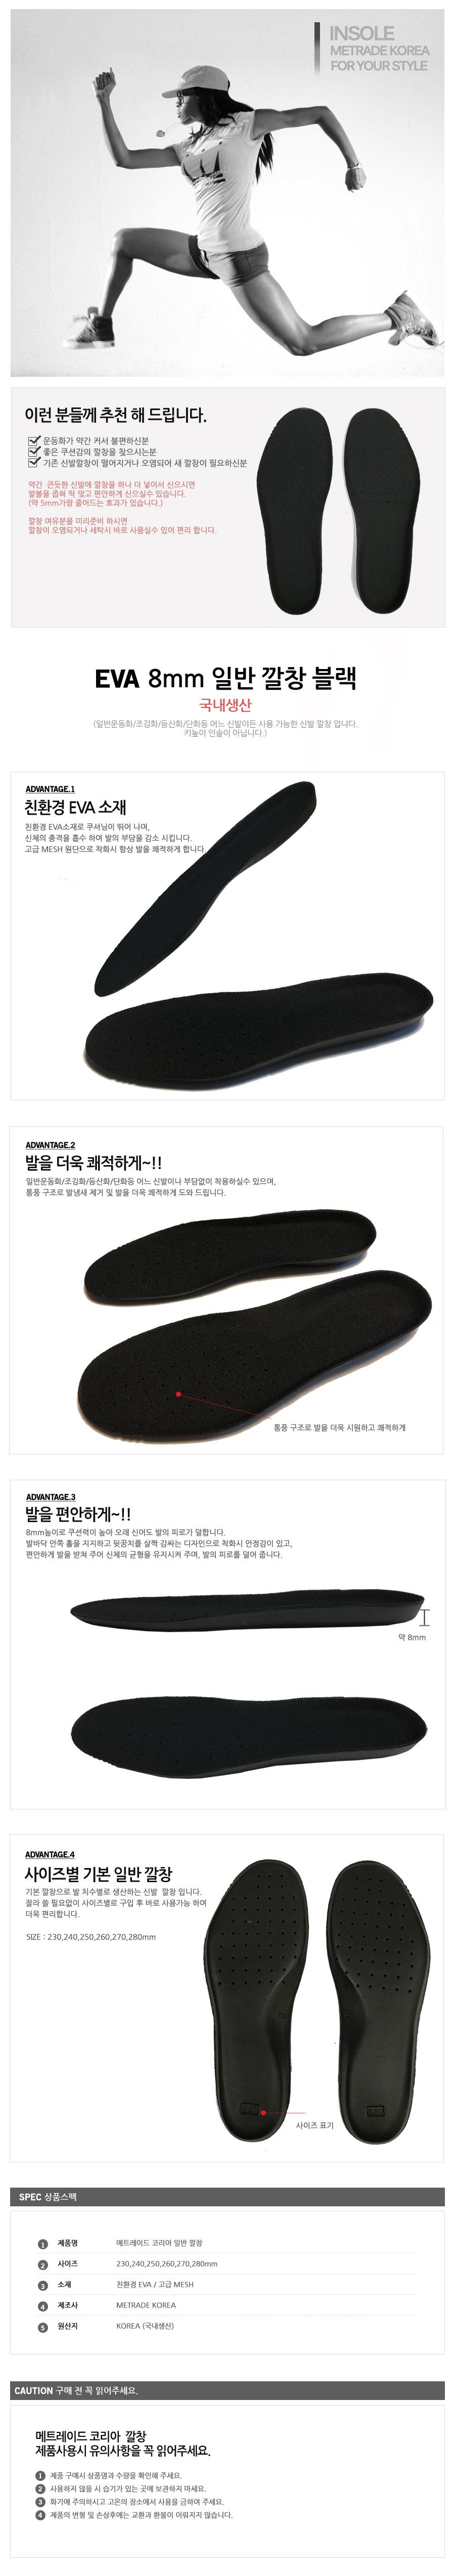 [다다슈프림] 8mm 일반 커팅 깔창 블랙 - 다다슈프림, 2,500원, 신발패드/깔창, 깔창